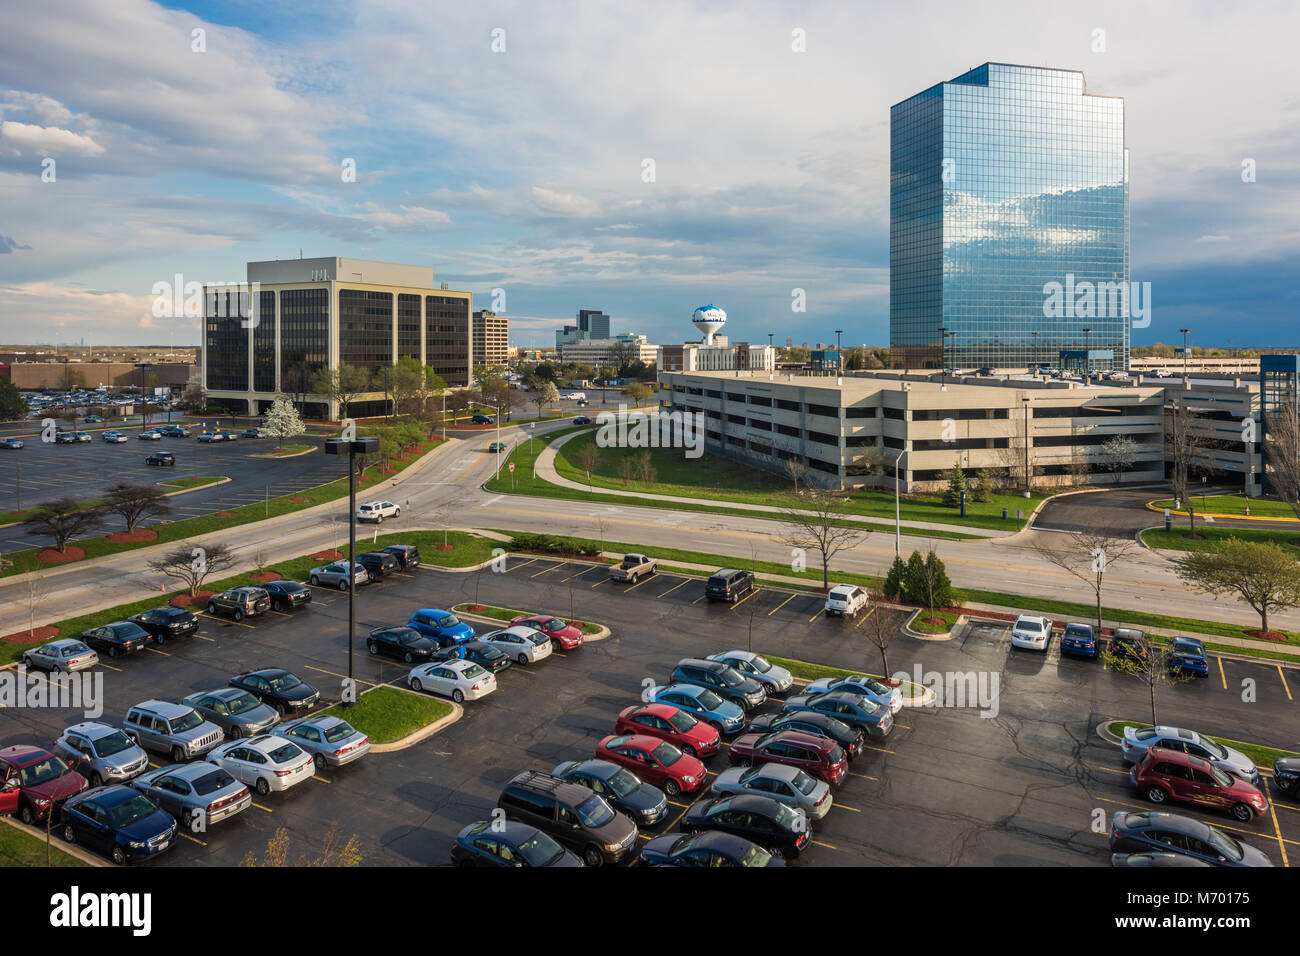 Woodfield Illinois Stock Photos & Woodfield Illinois Stock